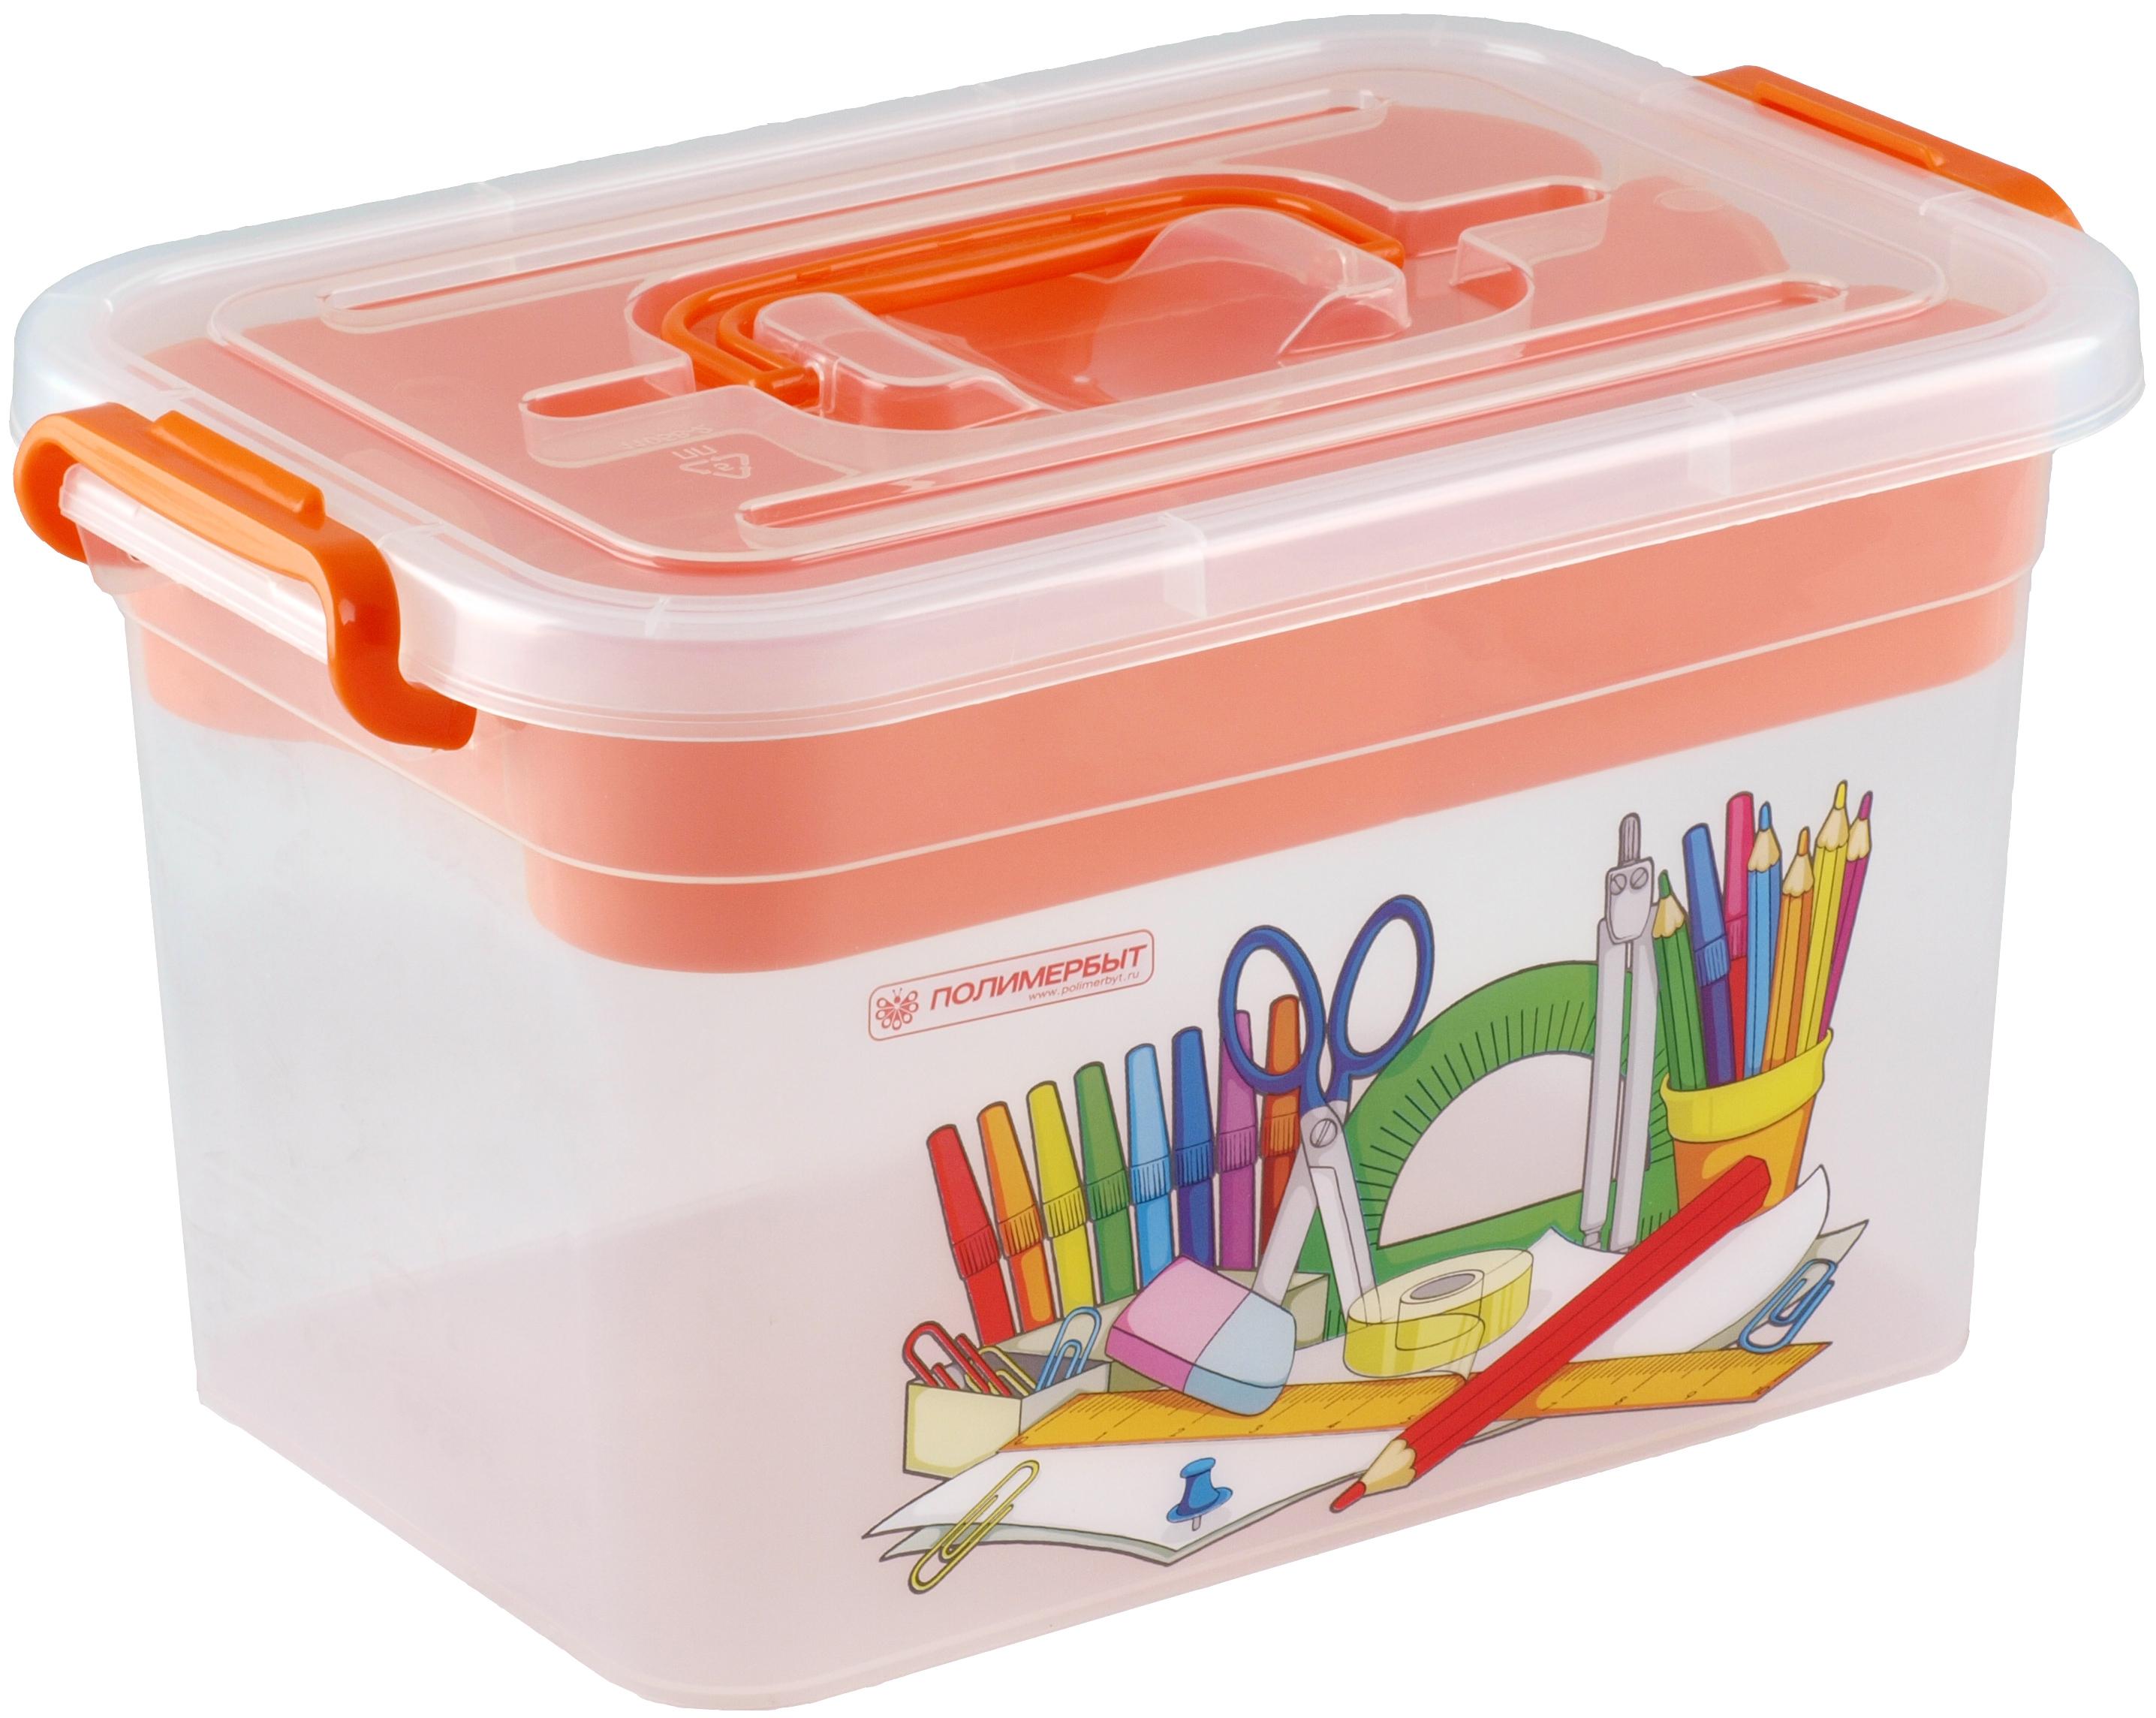 Хранение игрушек ПолимерБыт Контейнер для хранения